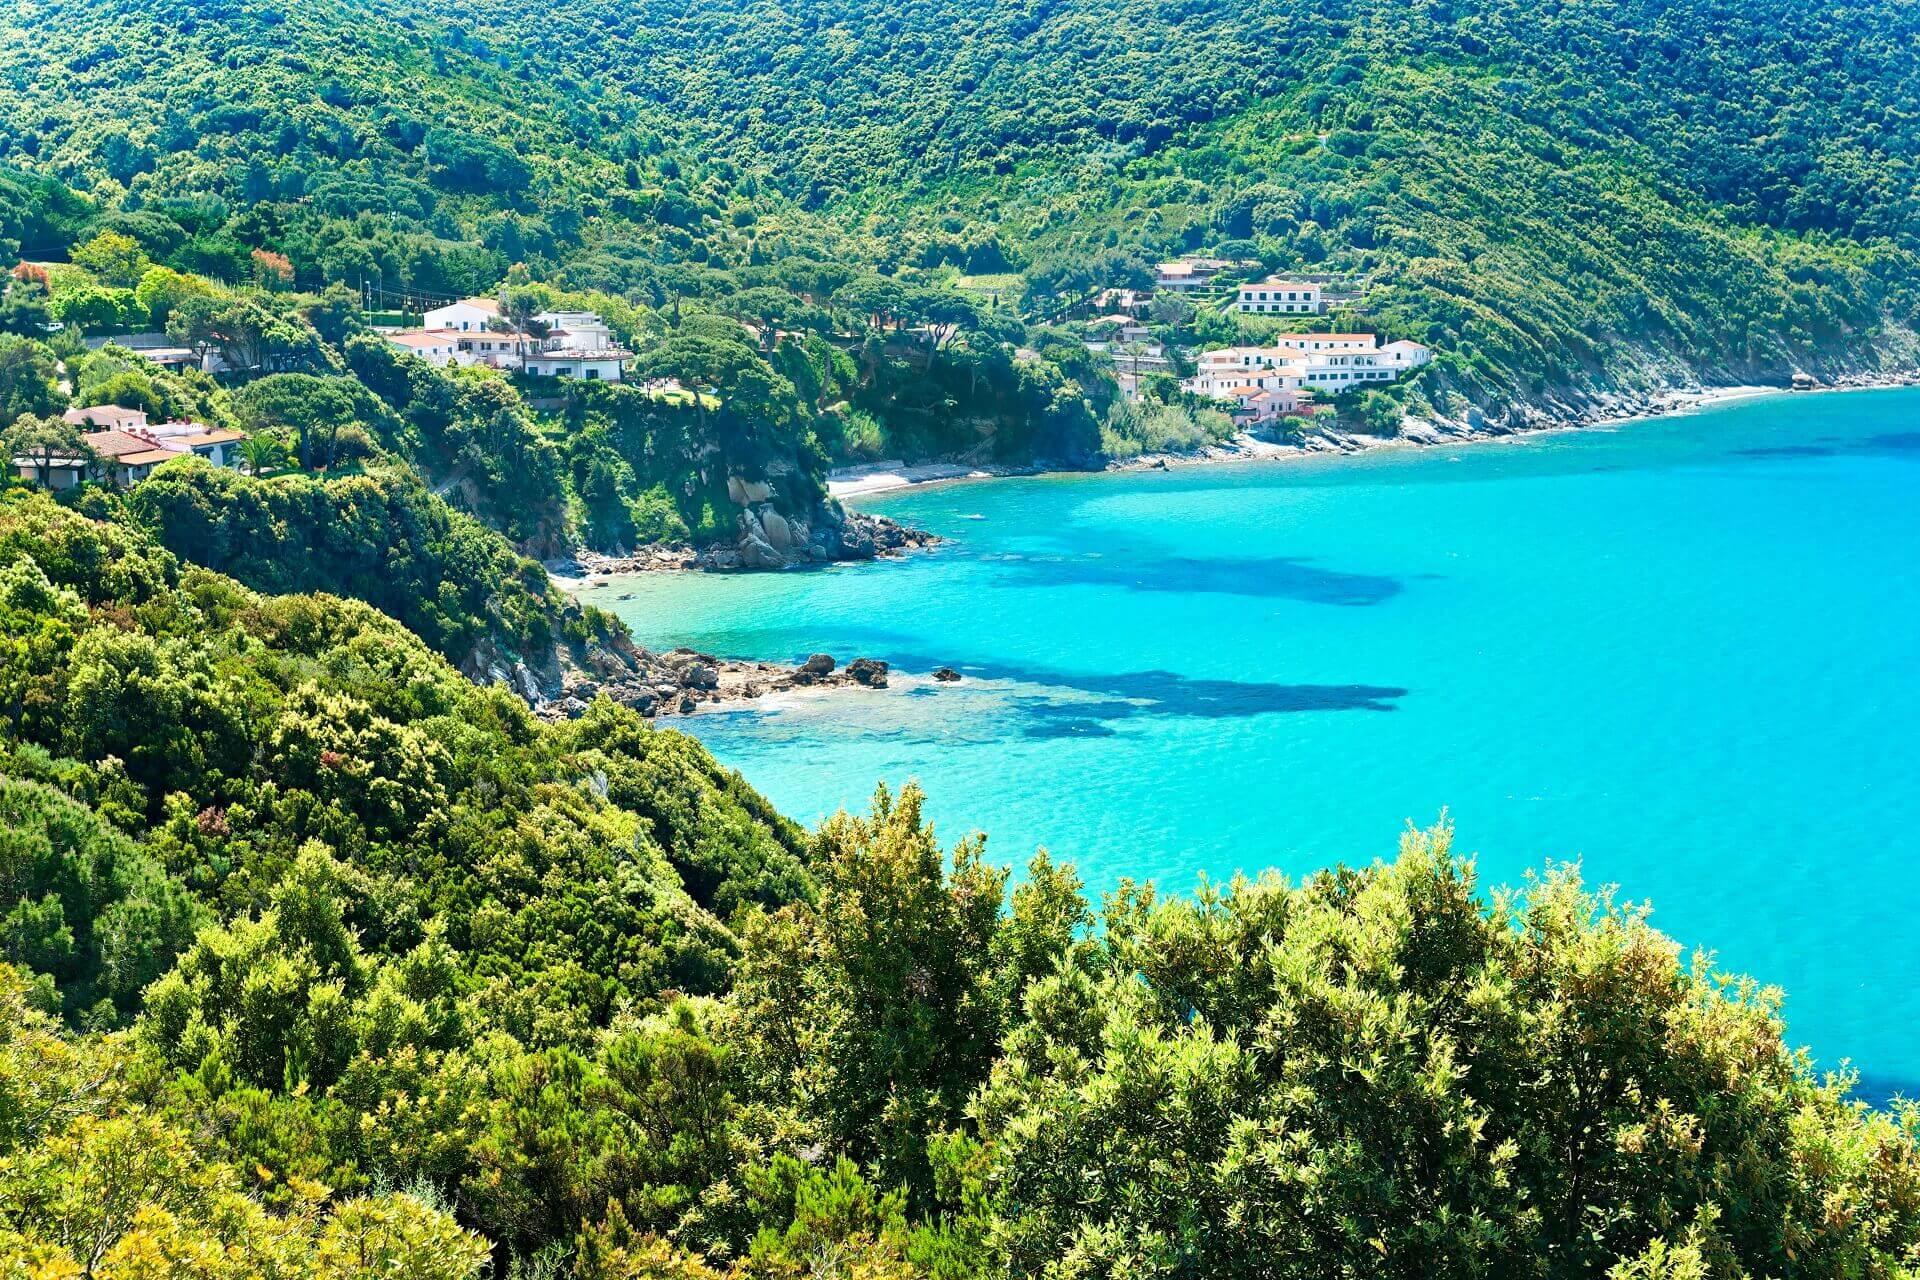 Die Strände von Elba bestechen mit ihrem klaren Wasser und tollen Küsten